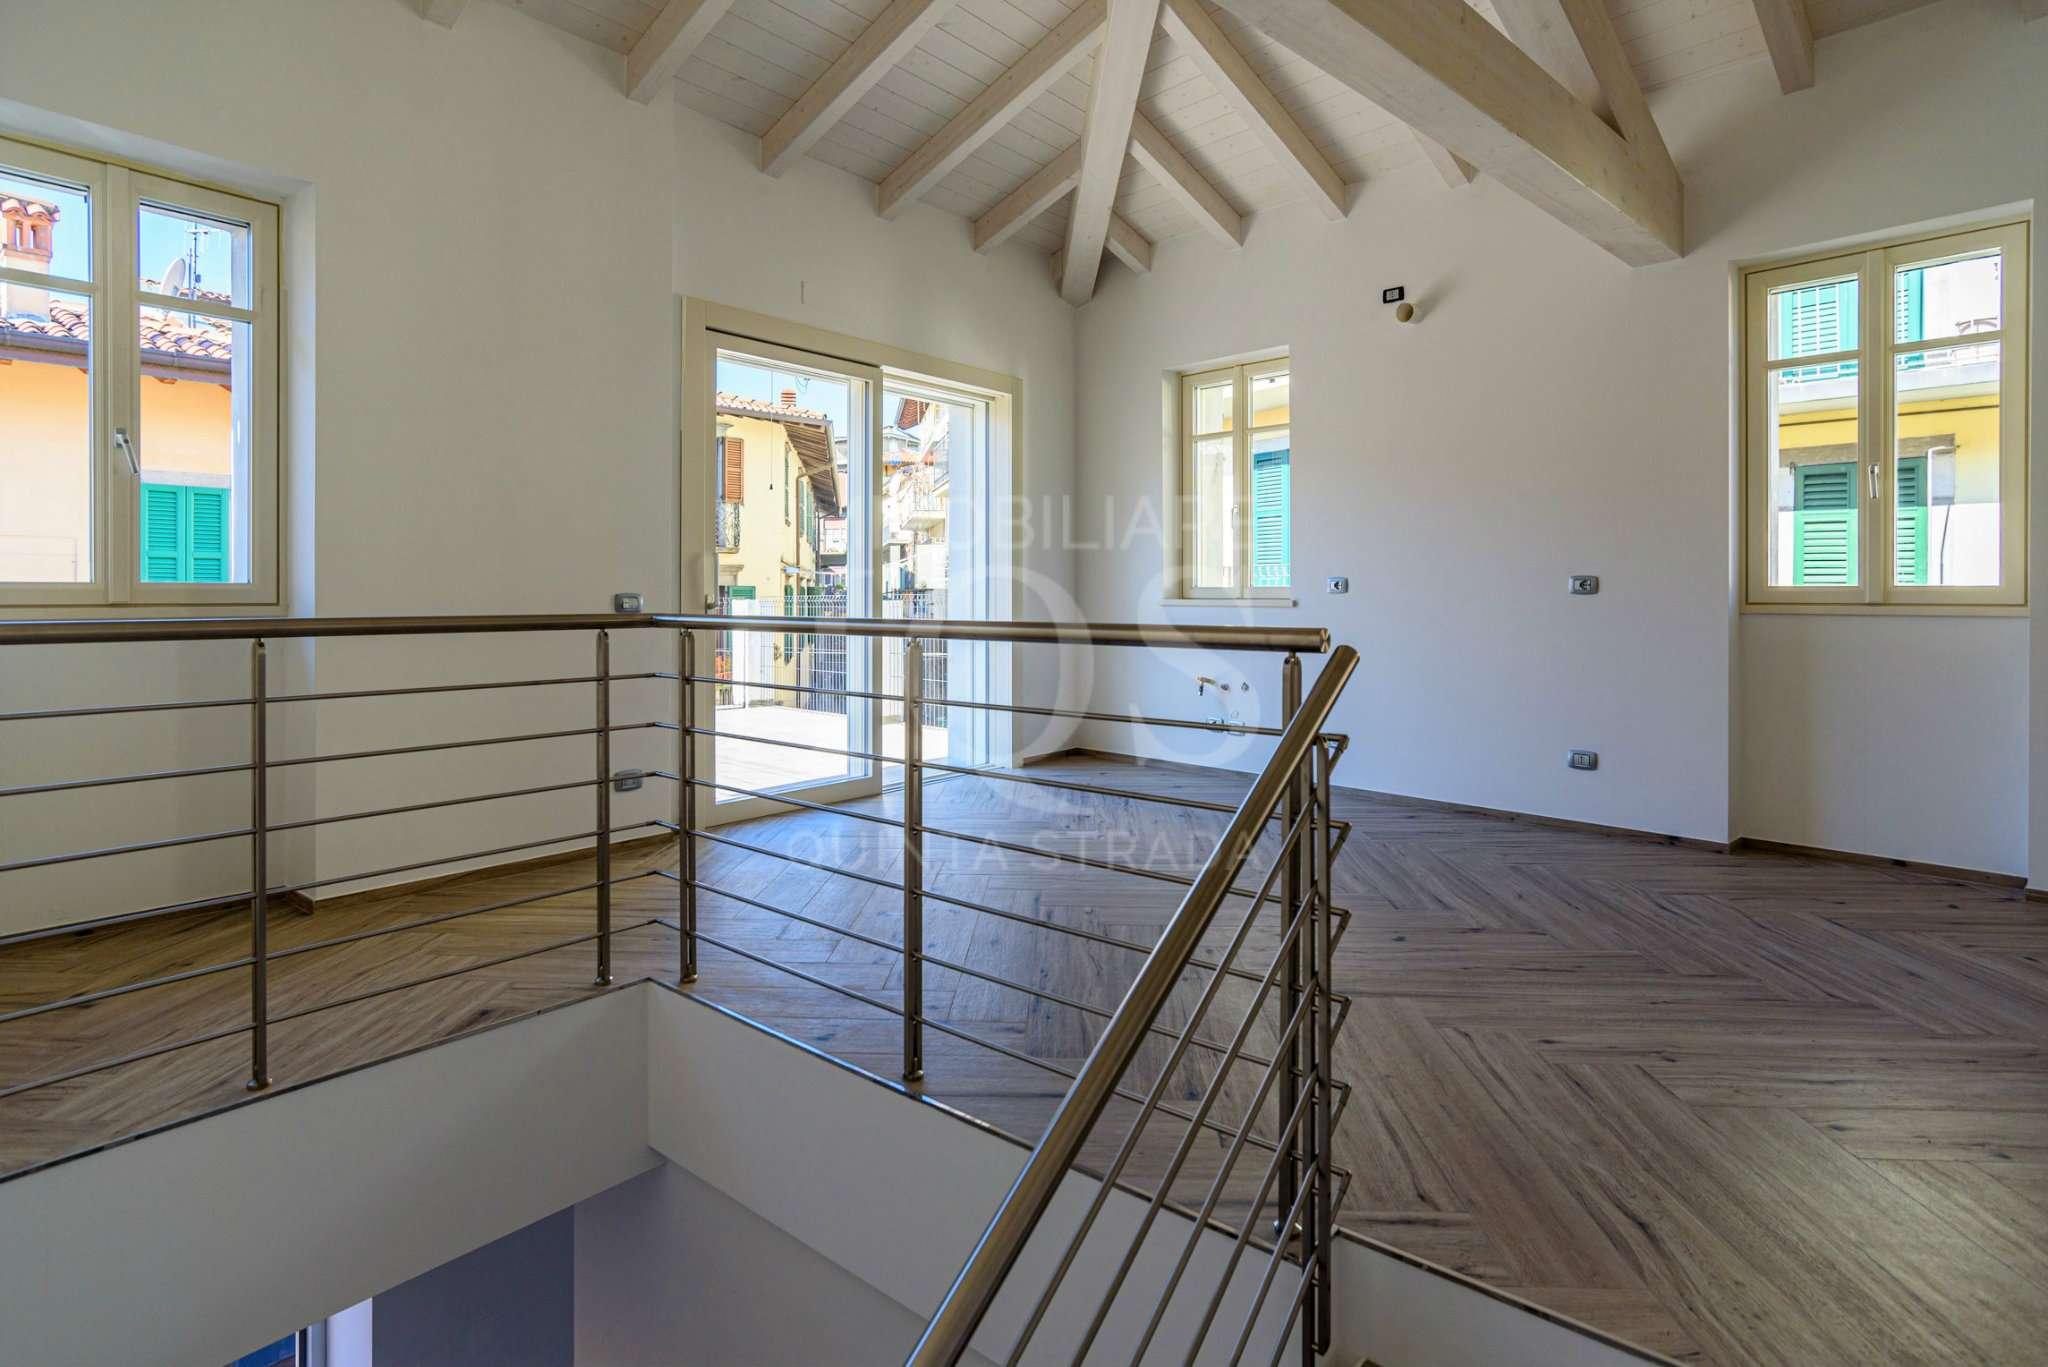 Attico / Mansarda in vendita a Sarnico, 4 locali, prezzo € 495.000   PortaleAgenzieImmobiliari.it